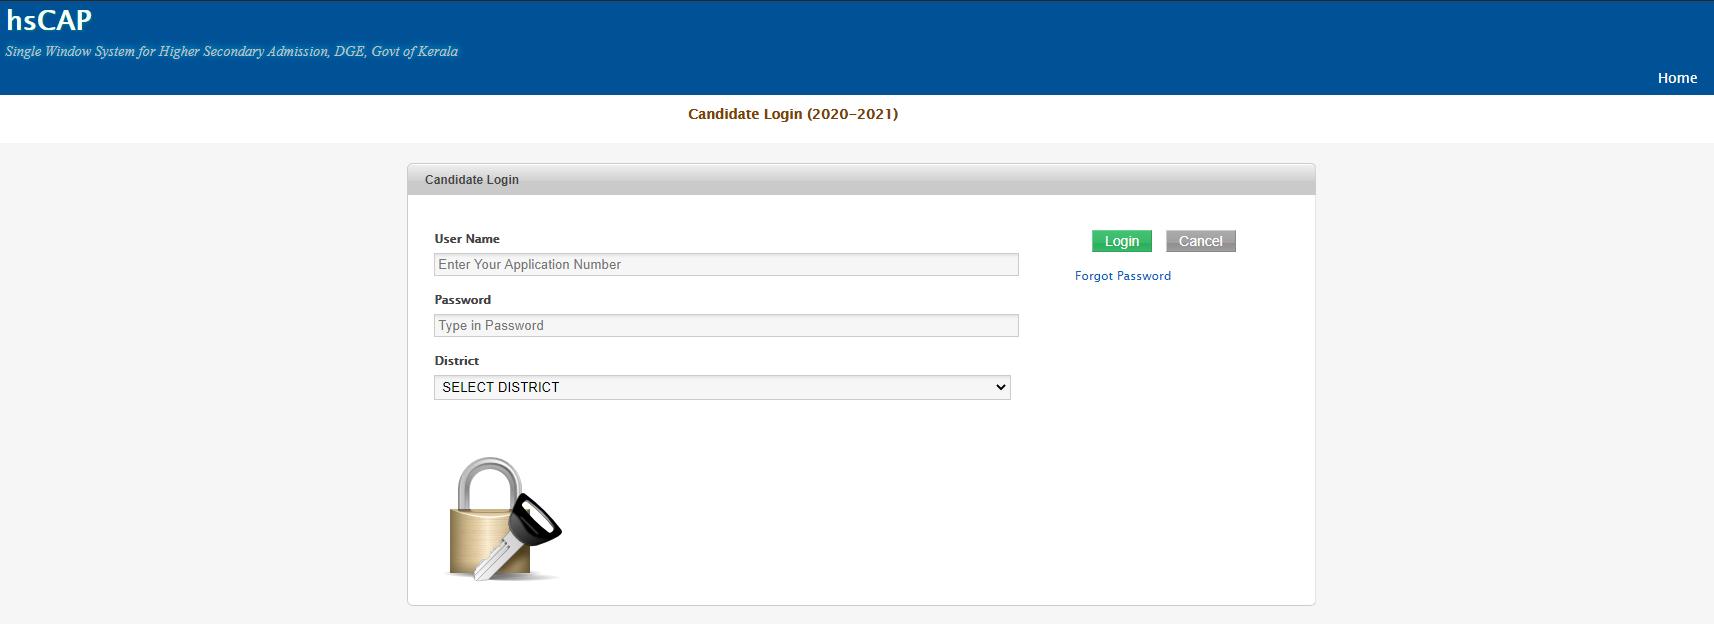 hscap sws candidate login